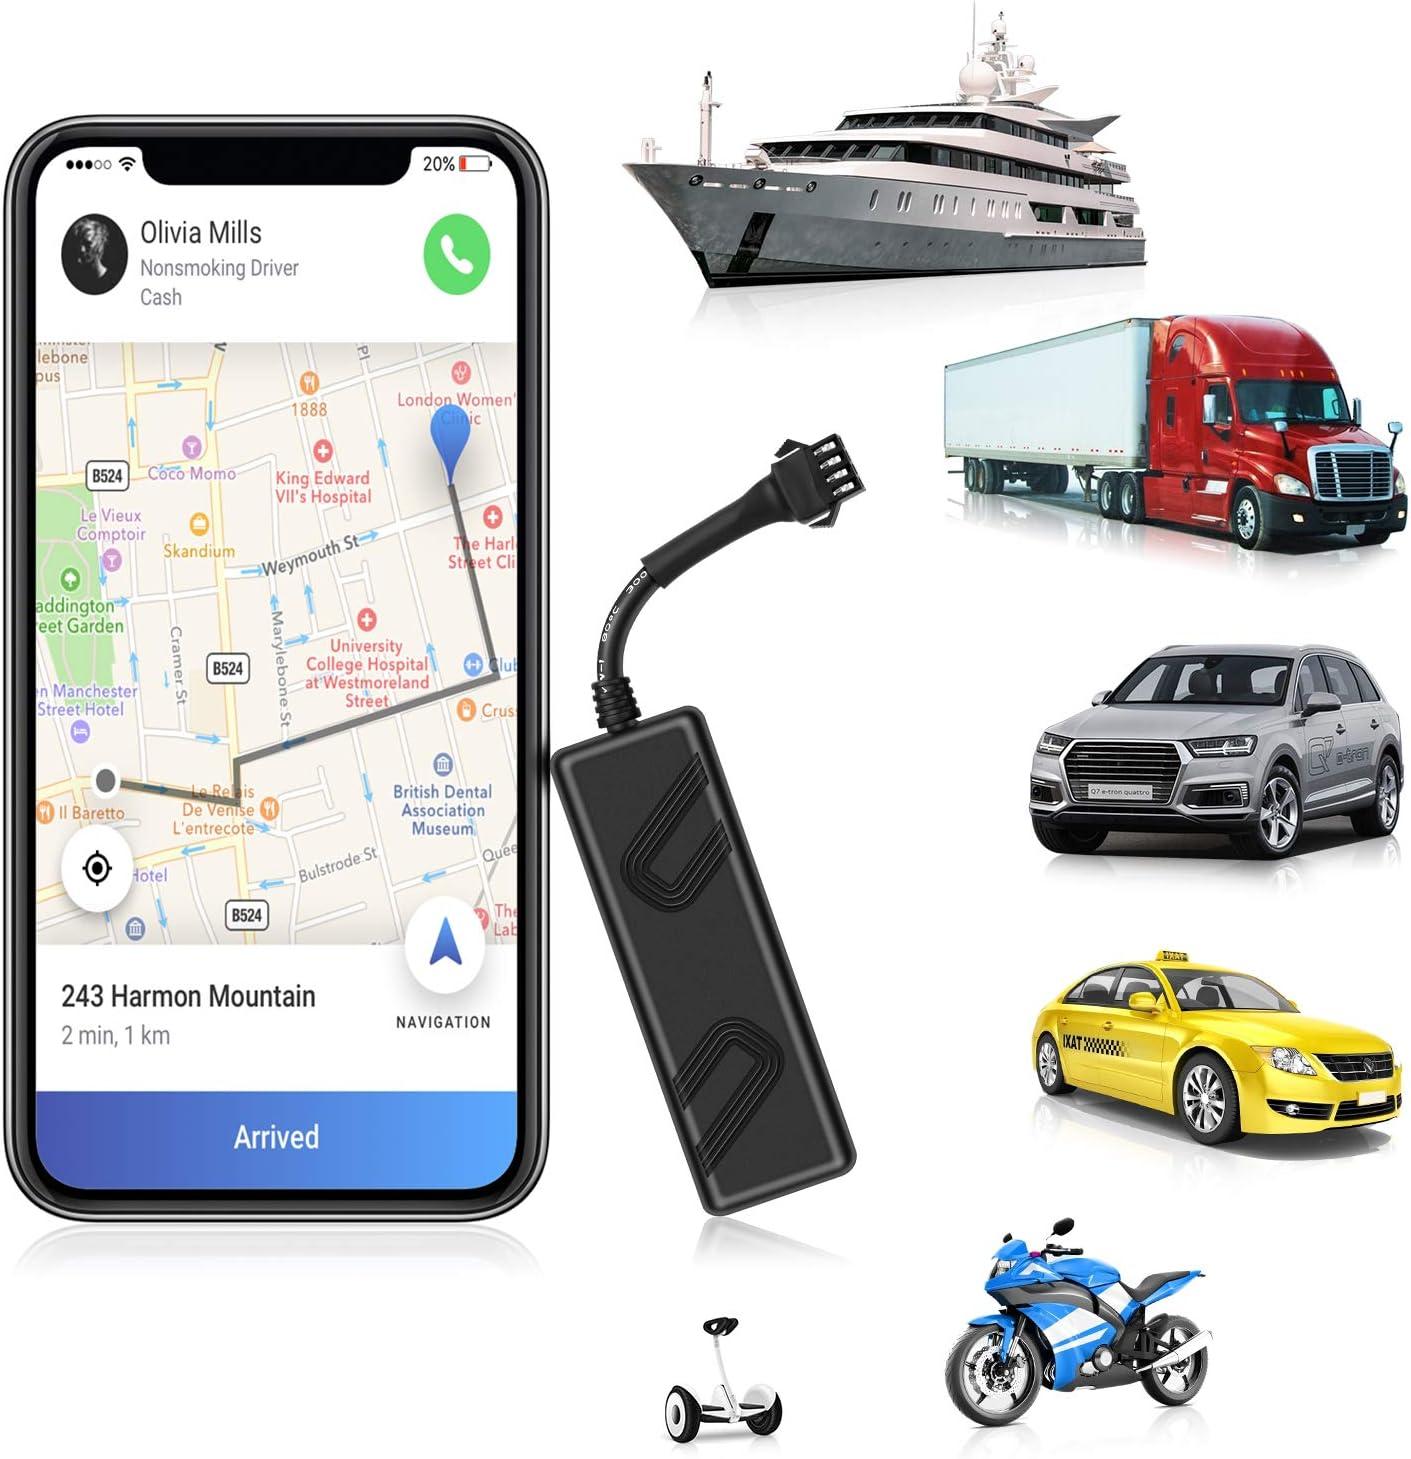 ANKEWAY 2020 New Mini Localizador GPS para Coche Dispositivo de Seguimiento GPS en Tiempo Real Anti Pérdida de 9-90V para Flota/Automóvil/Camión/Motocicleta/RV/Autobús/Segway (App Gratuita)